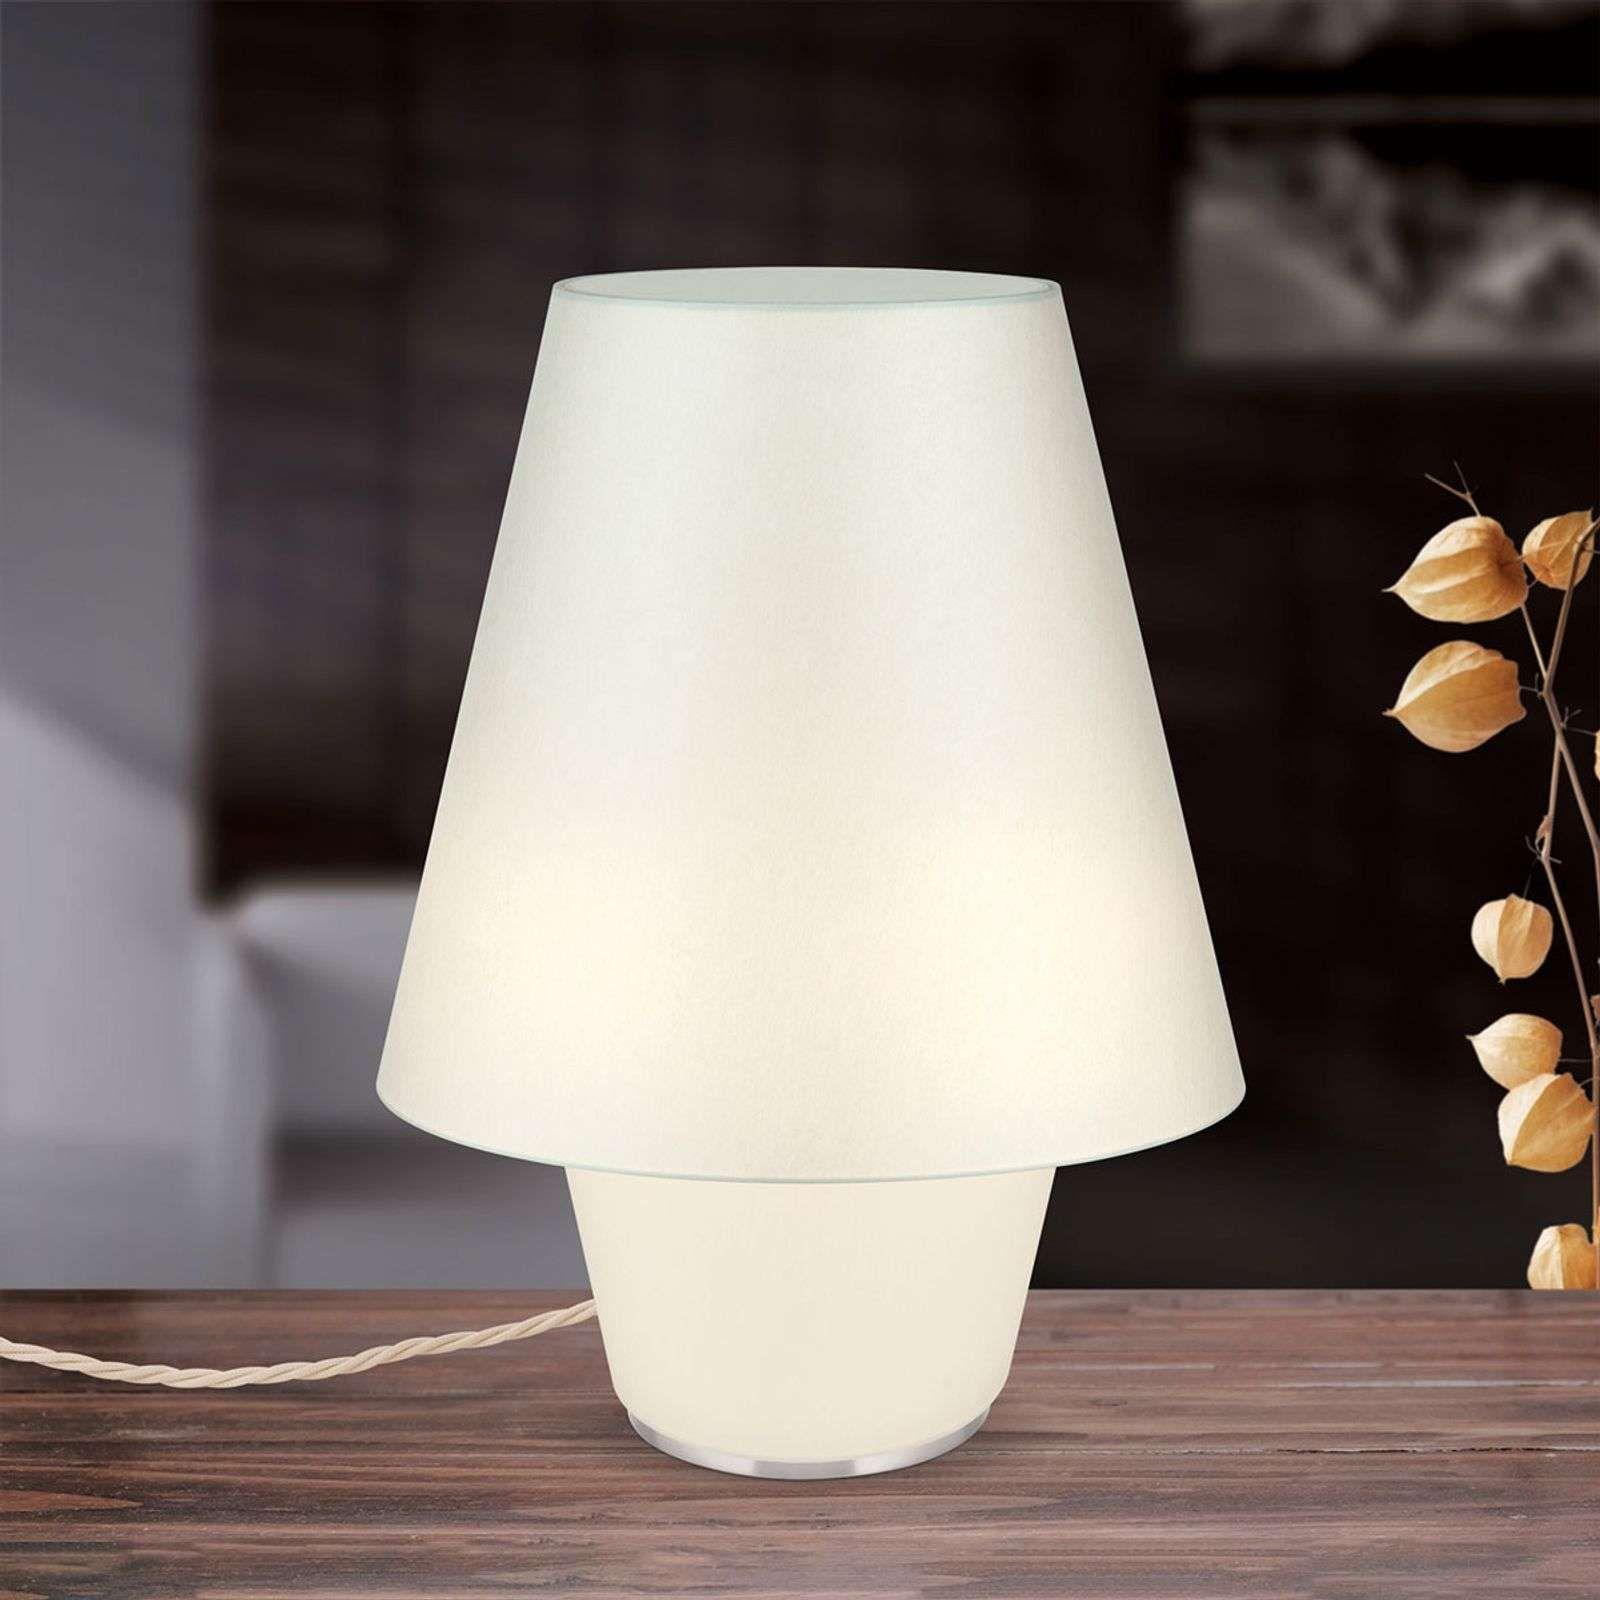 Deckenverteilerdose Lampen Kuchenlampe Pendelleuchte Einbaustrahler Ip65 Schwenkbar Bewegungsmelder Fur Led Strahle In 2020 Lampentisch Tischleuchte Led Strahler